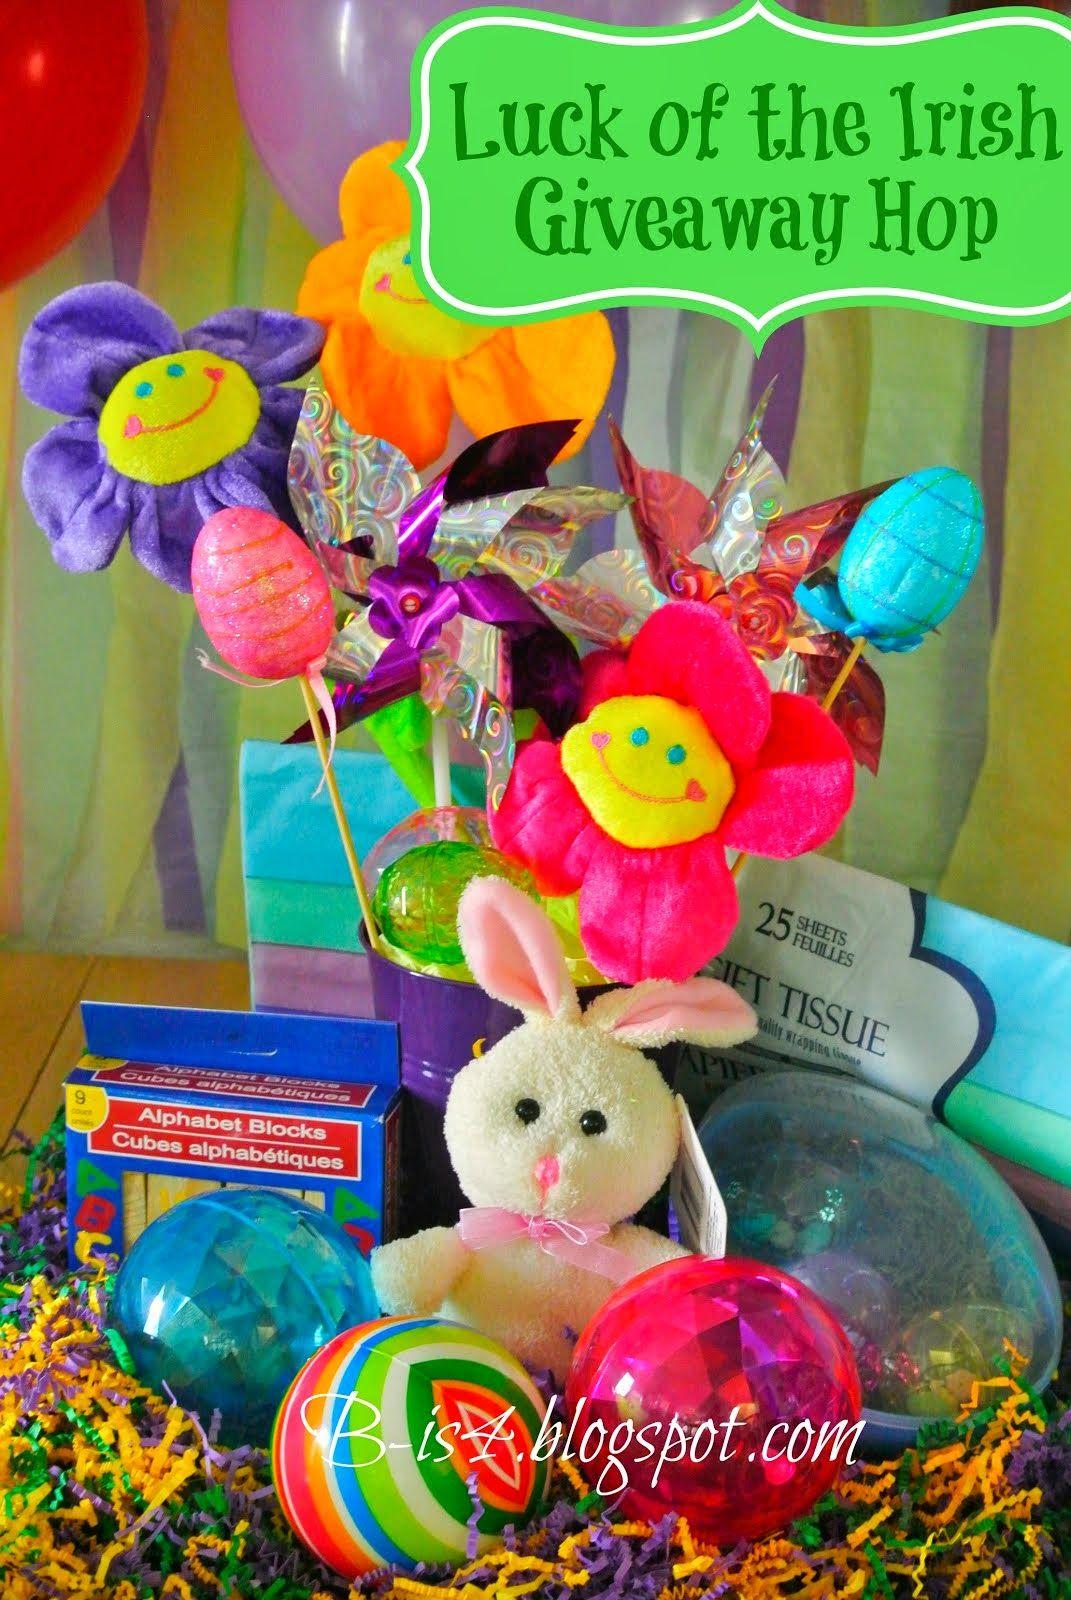 Luckoftheirish giveaway hop dollar tree easter basket giveaway luckoftheirish giveaway hop dollar tree easter basket negle Images